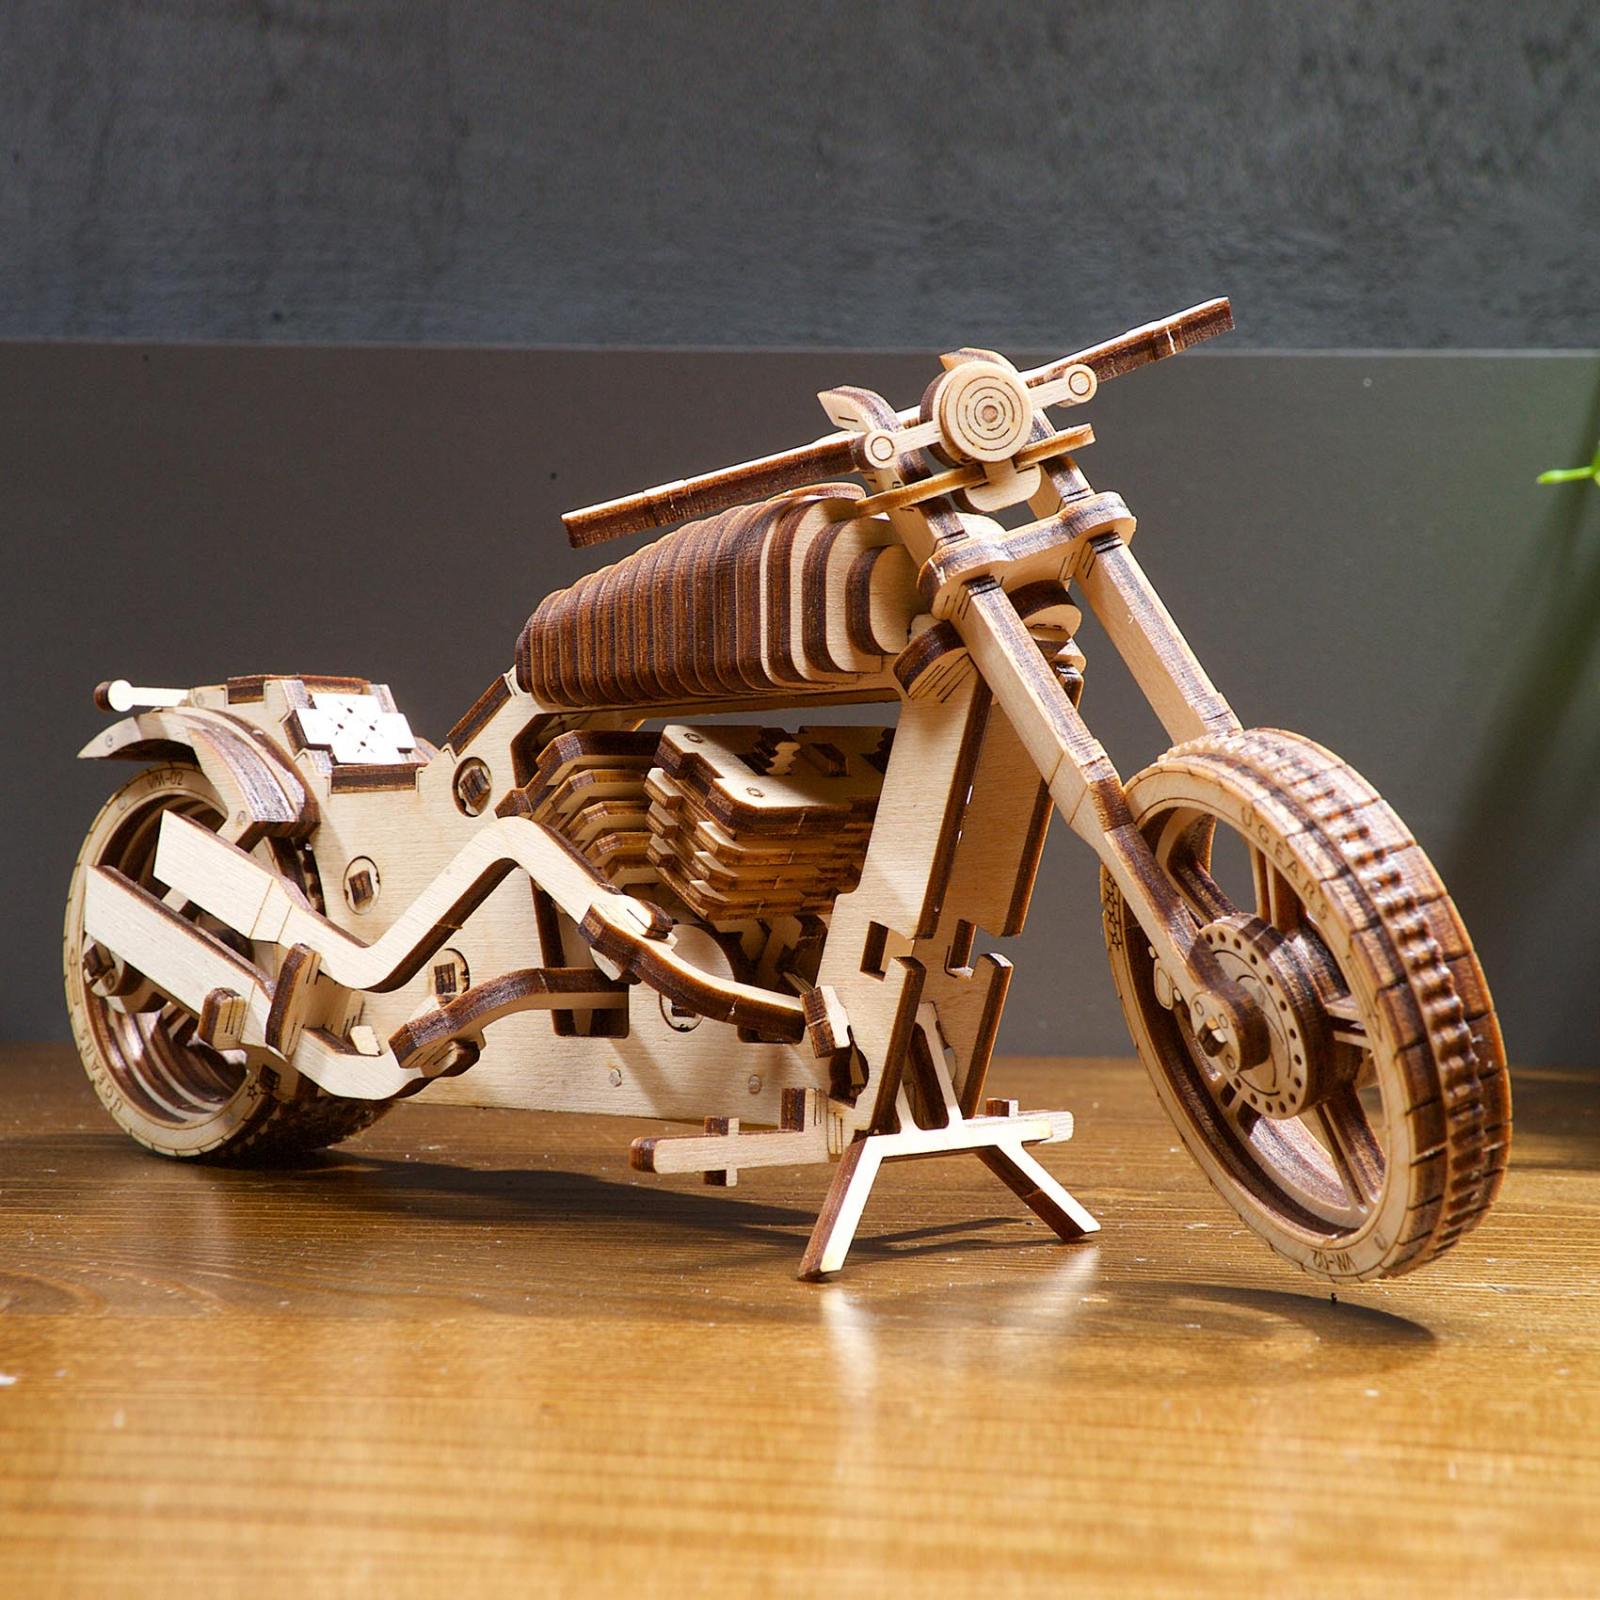 puzzle-3d-motocicleta-vm-02-din-lemn-ugears-2469-9823